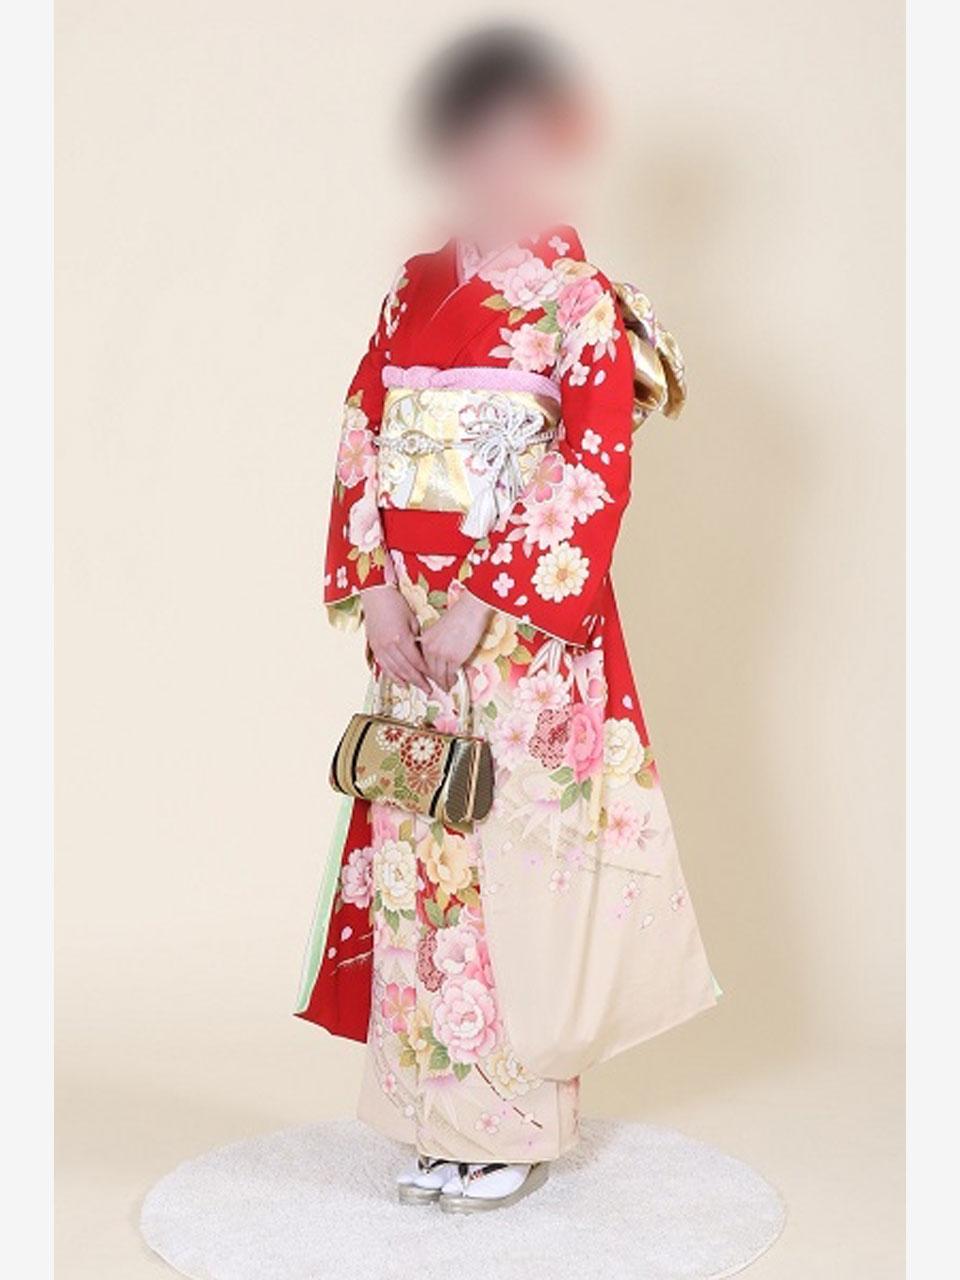 振袖(赤地桜とバラ花々)